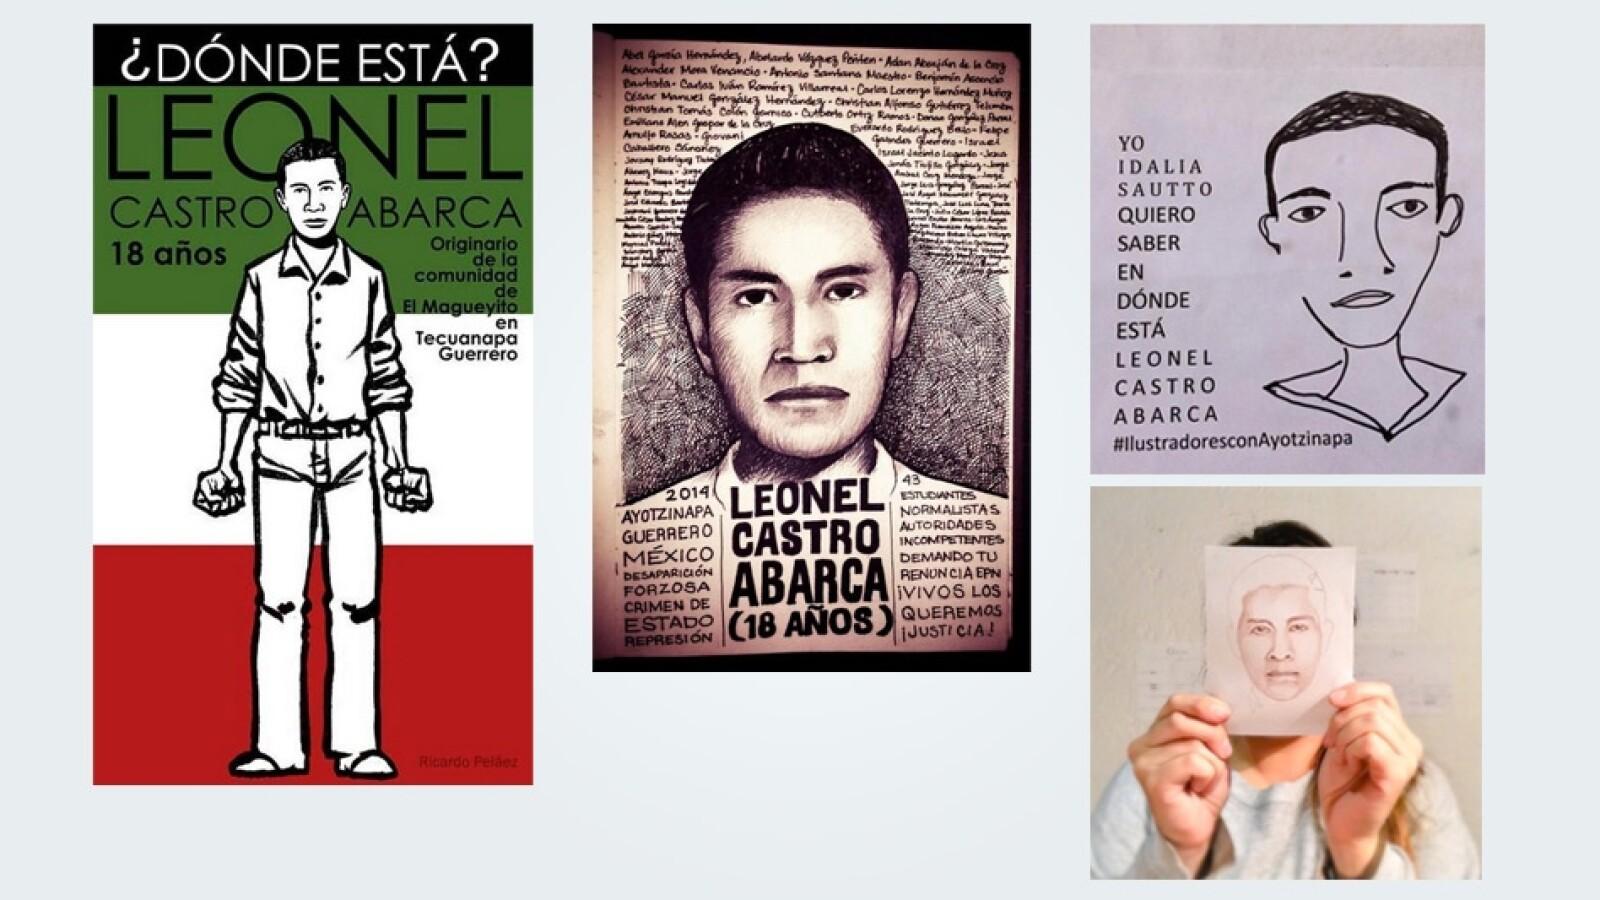 Leonel Castro Ayotzinapa